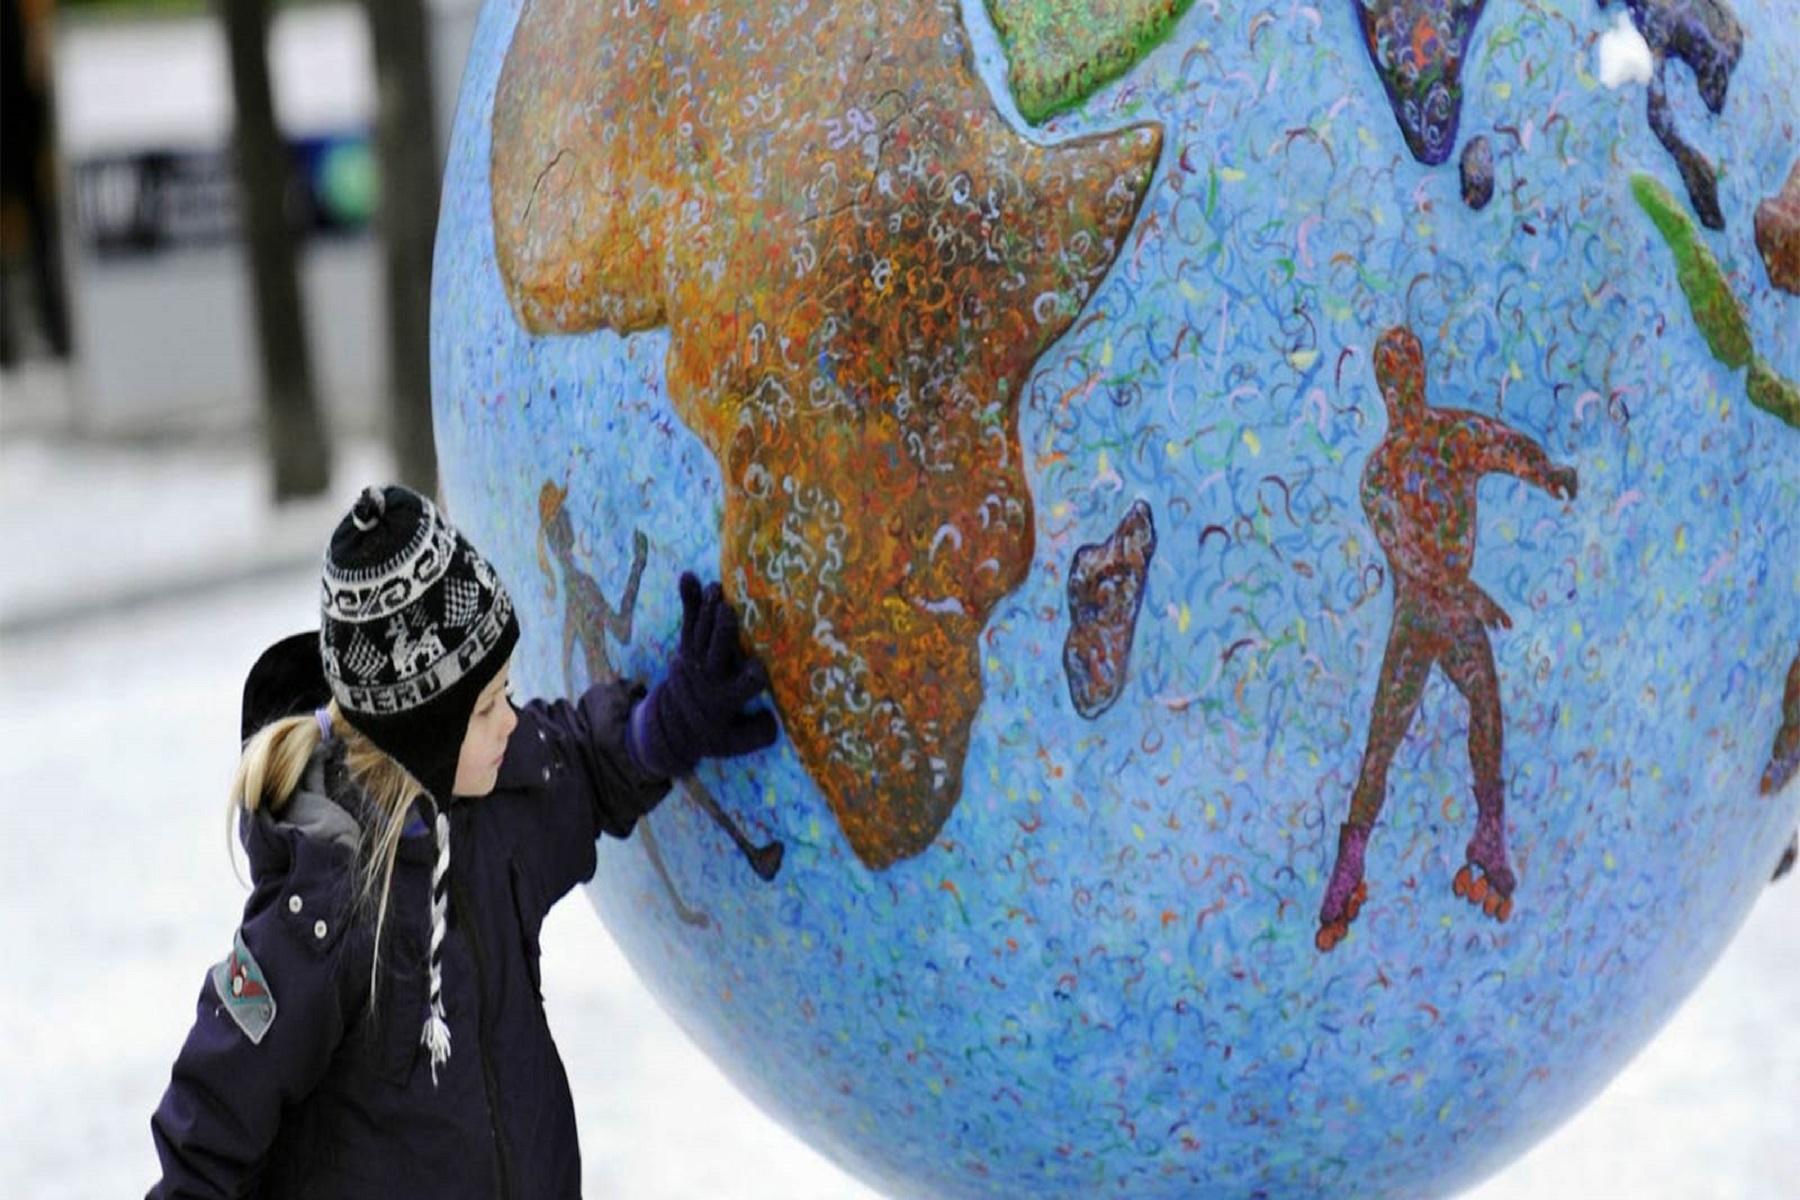 Υπ. Παιδείας Ιταλία: Προτείνεται ως υποχρεωτικό το μάθημα της κλιματικής αλλαγής στα σχολεία